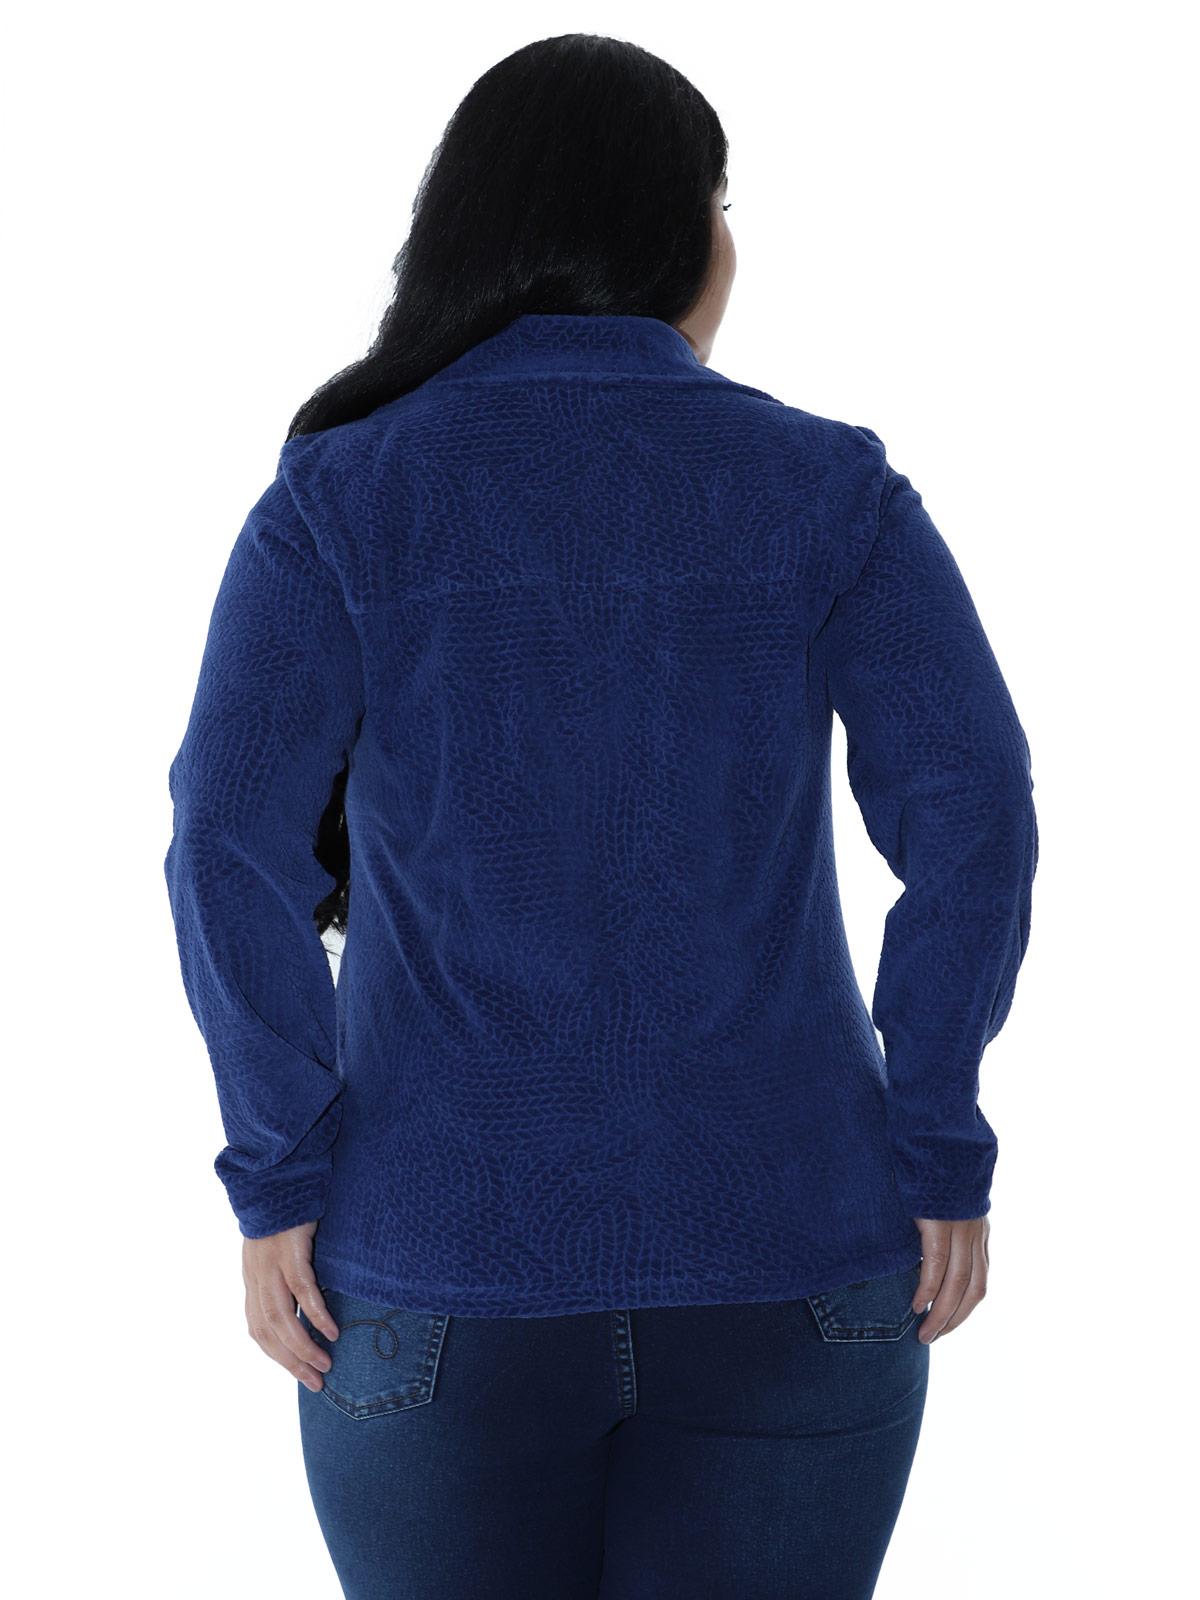 Casaco Plus Size Feminino Plush Com Botão Jacquard Azul Marinho